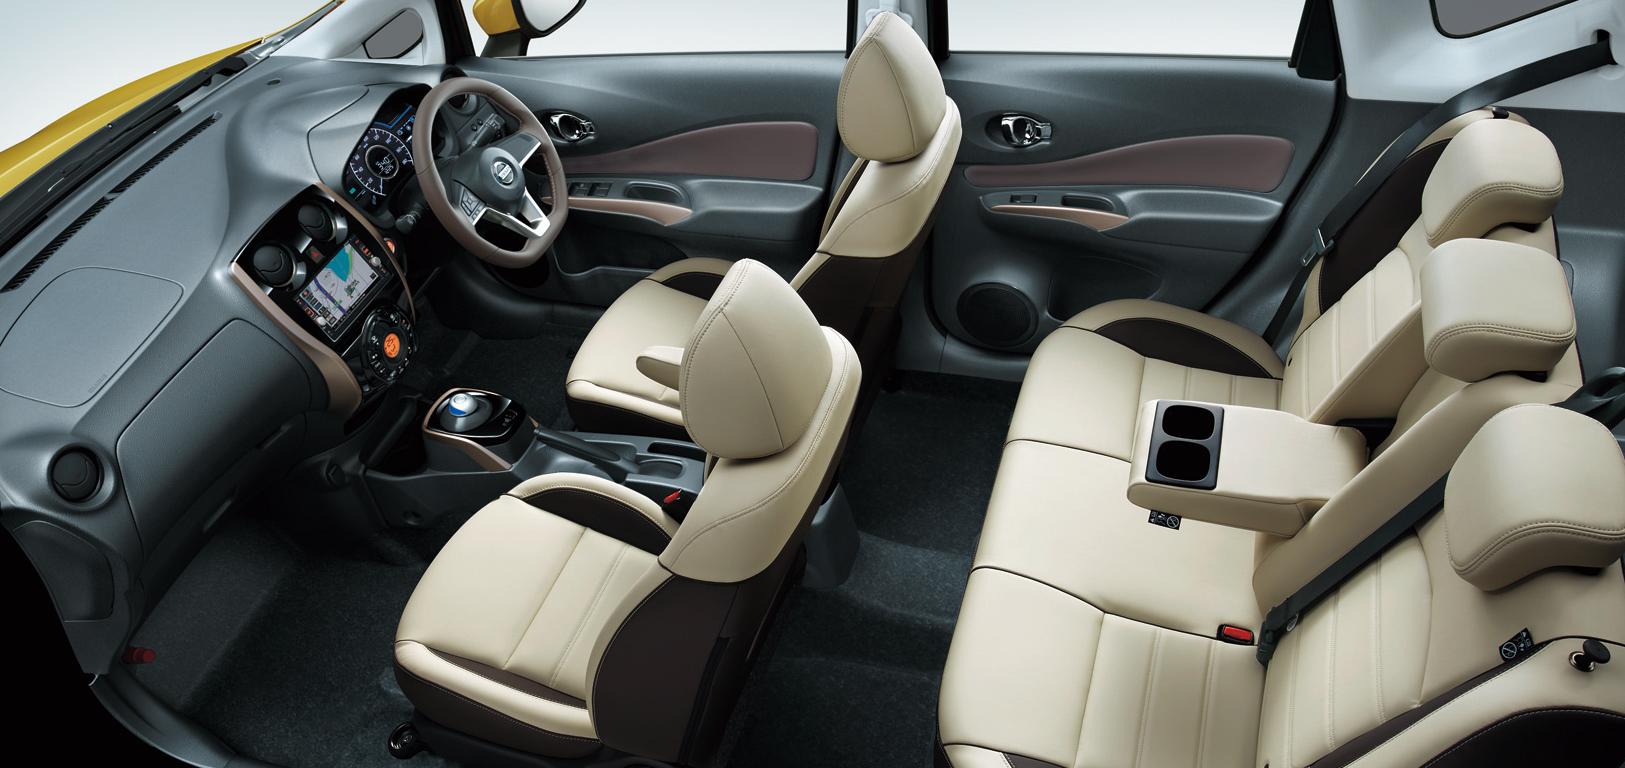 Hybrid Nissan Nissan Note e-Power detailed – range extender hybrid ...